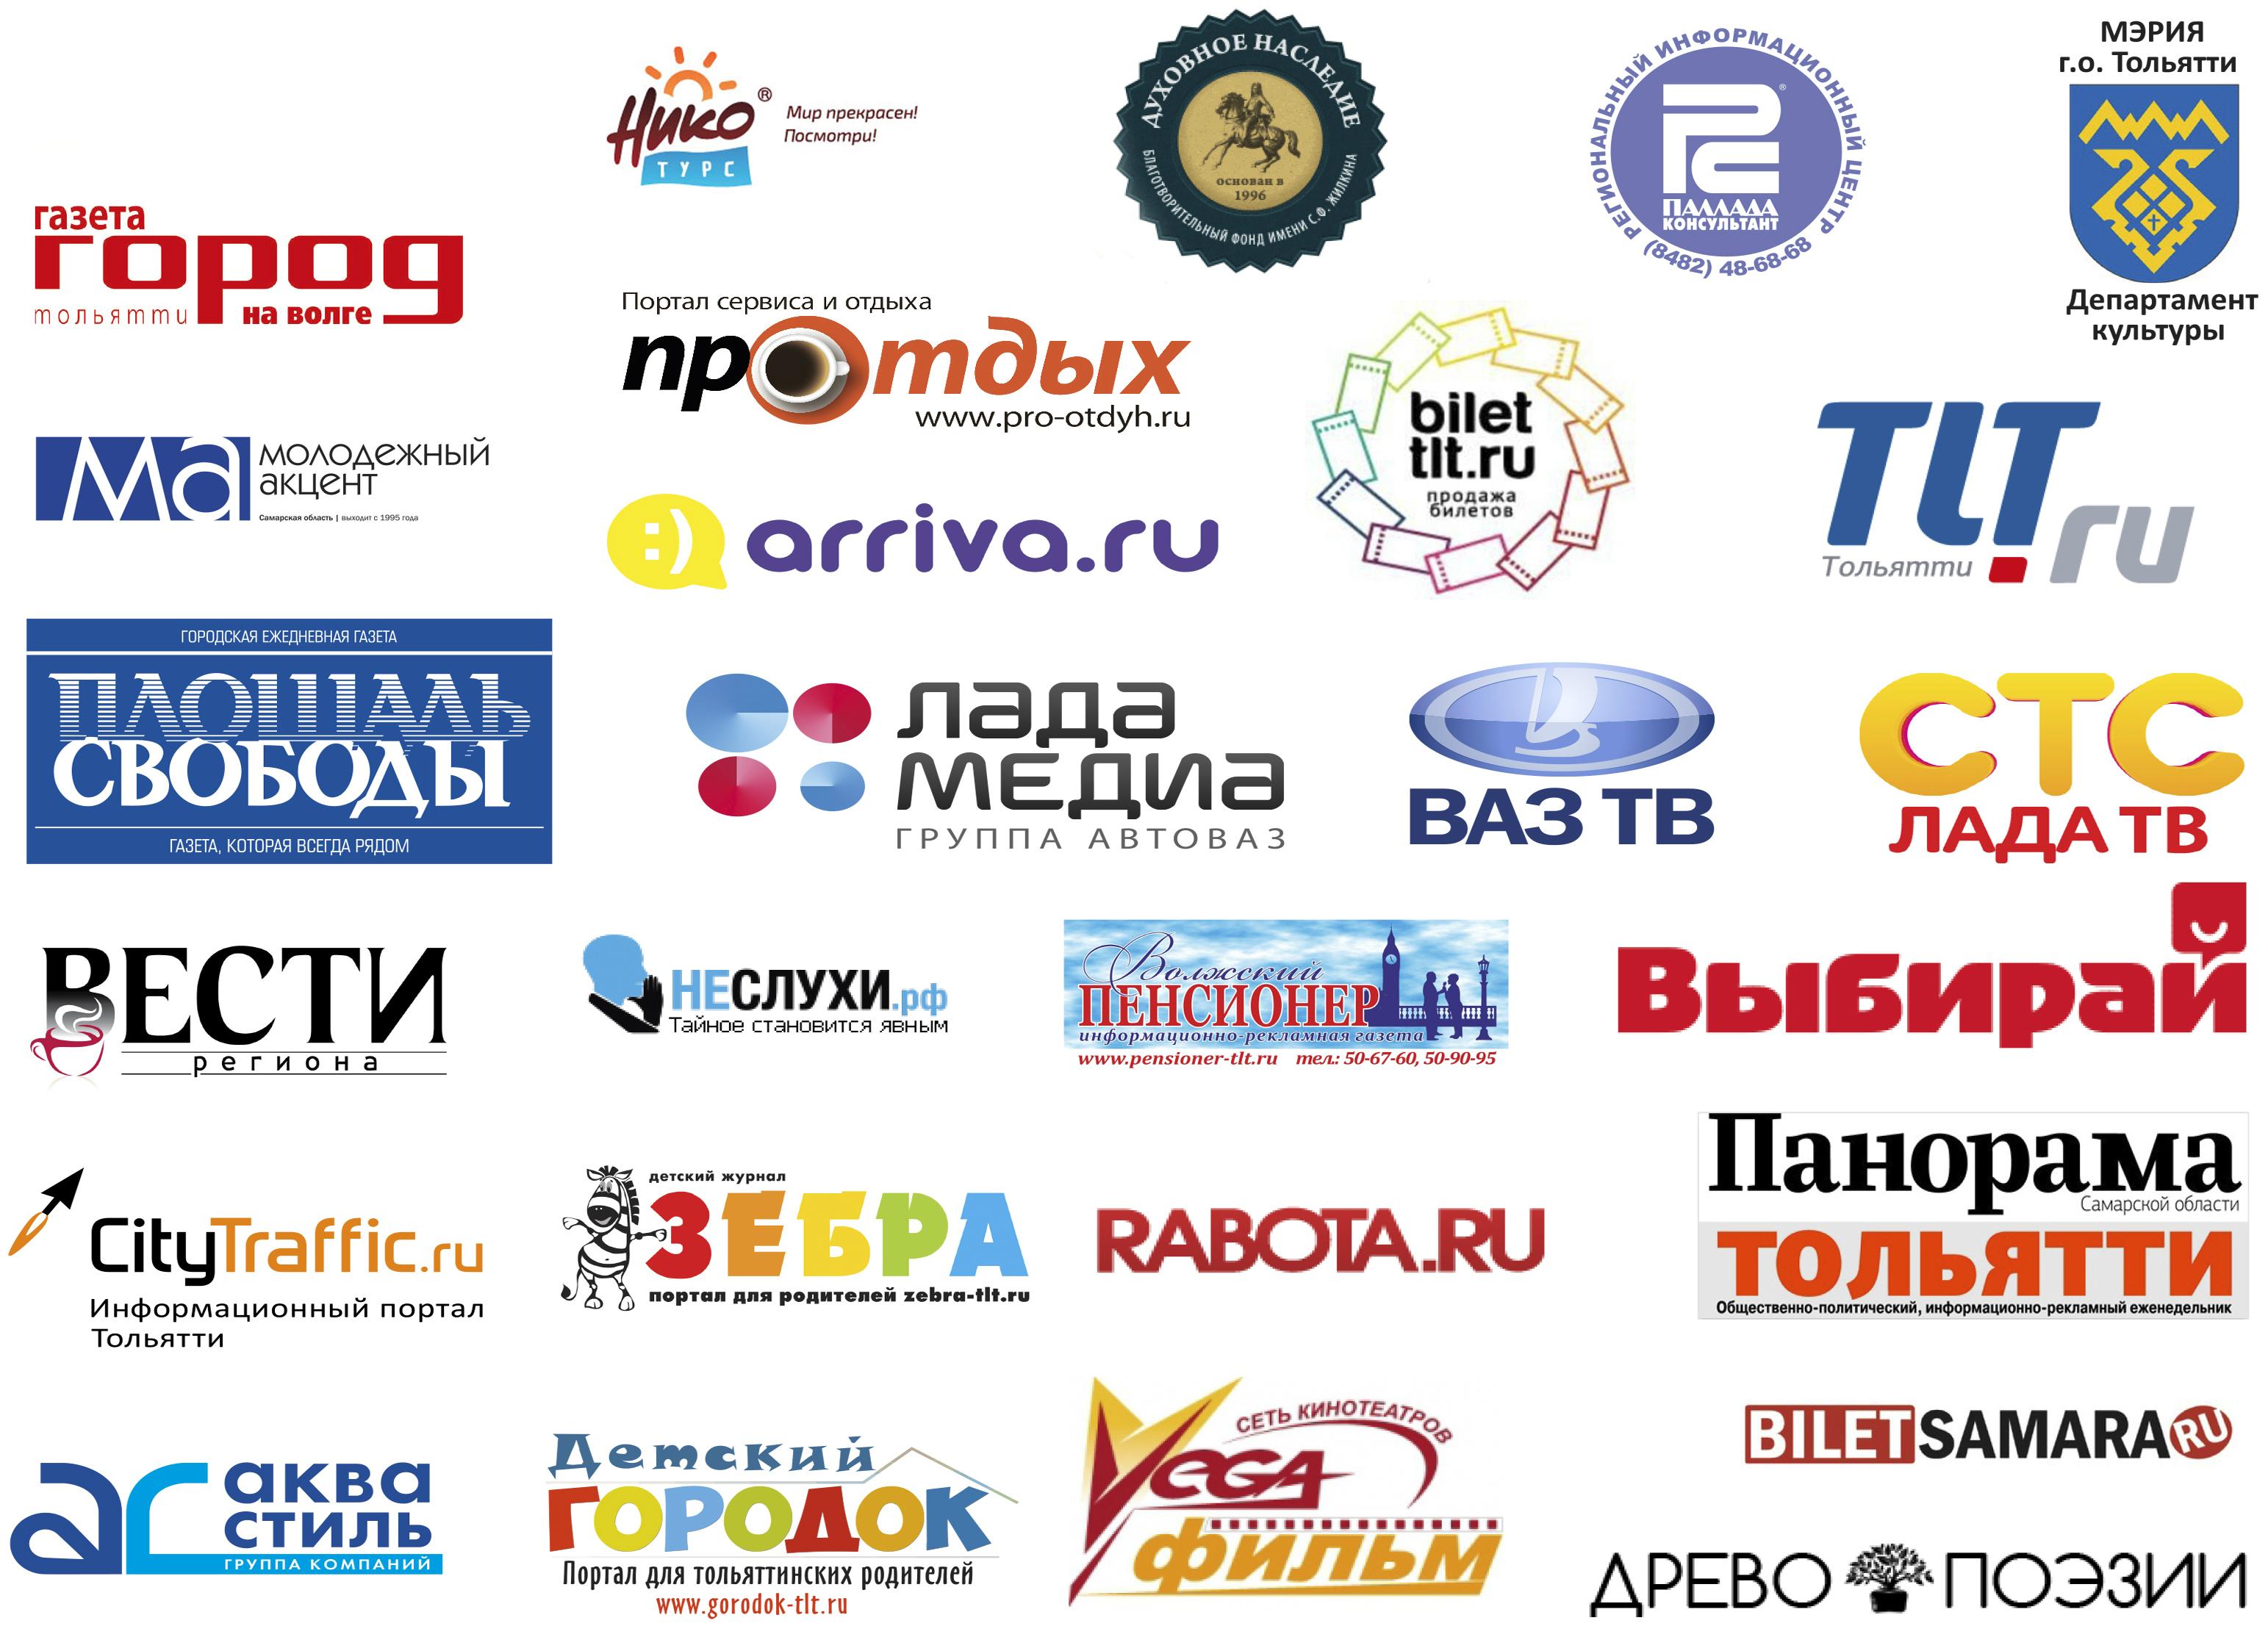 спонсоры и партнёры театра Дилижанс